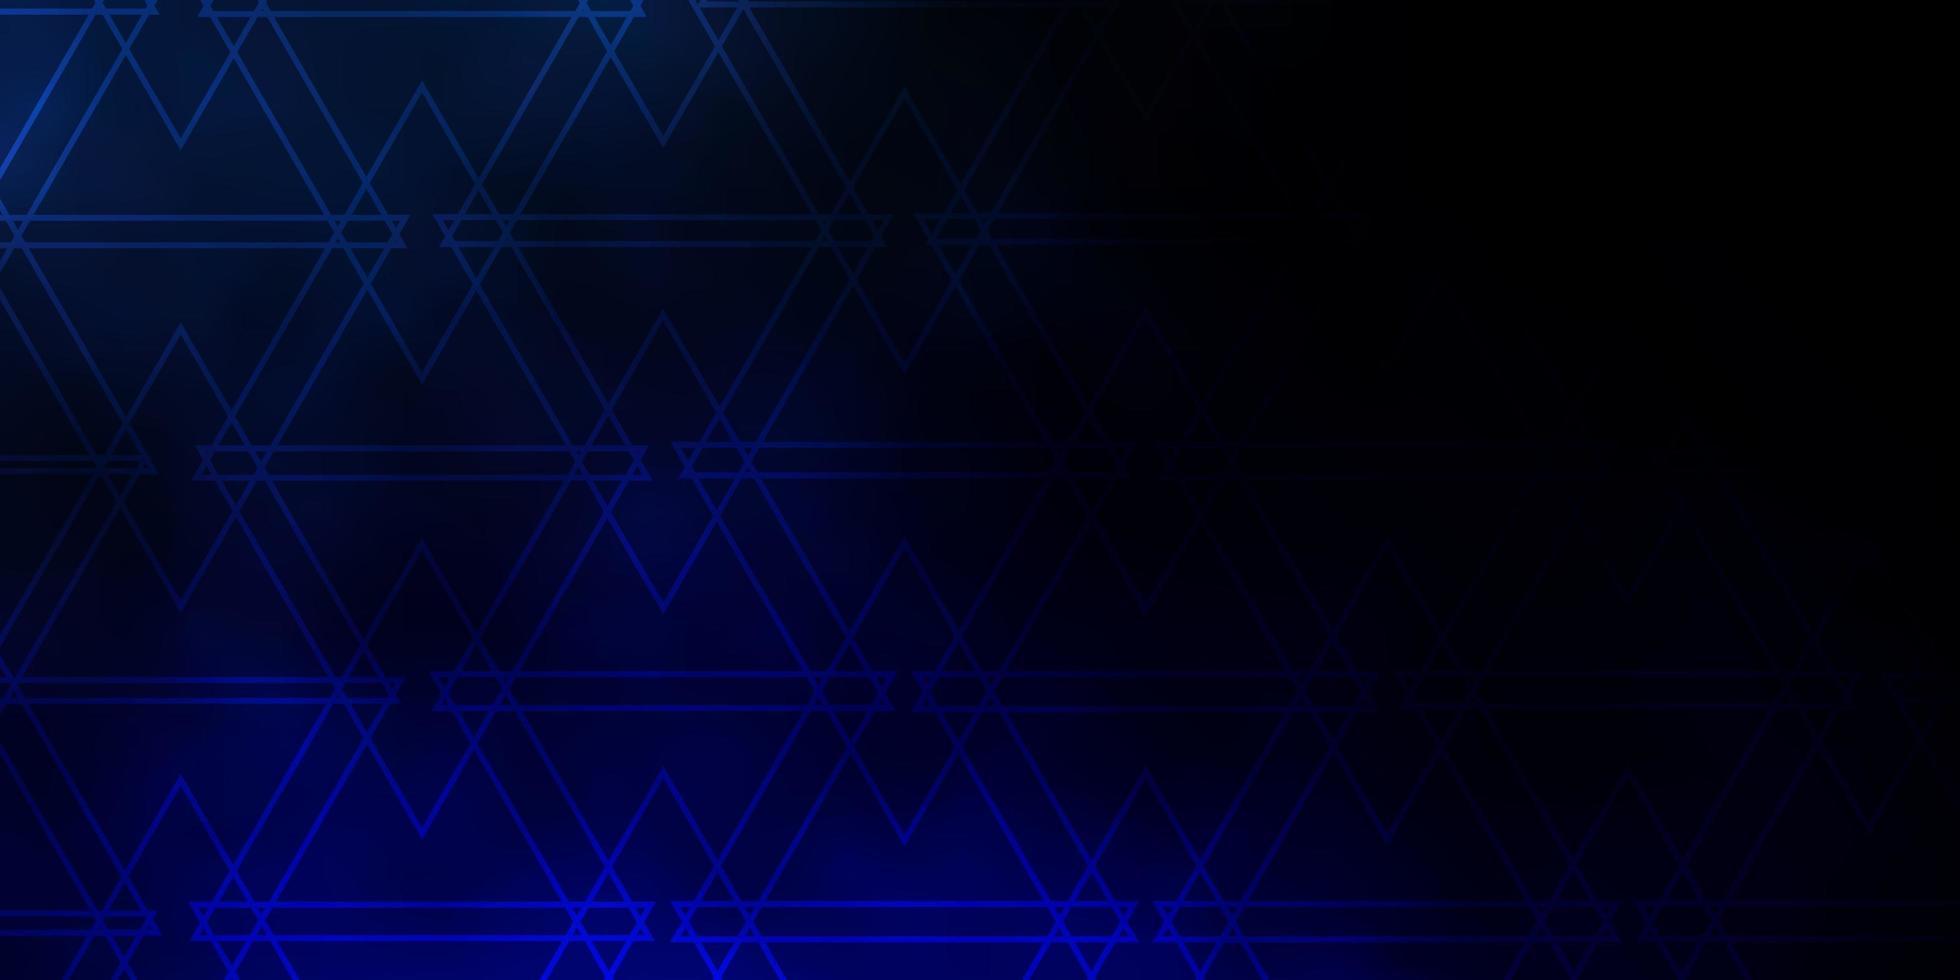 diseño azul oscuro con líneas, triángulos. vector